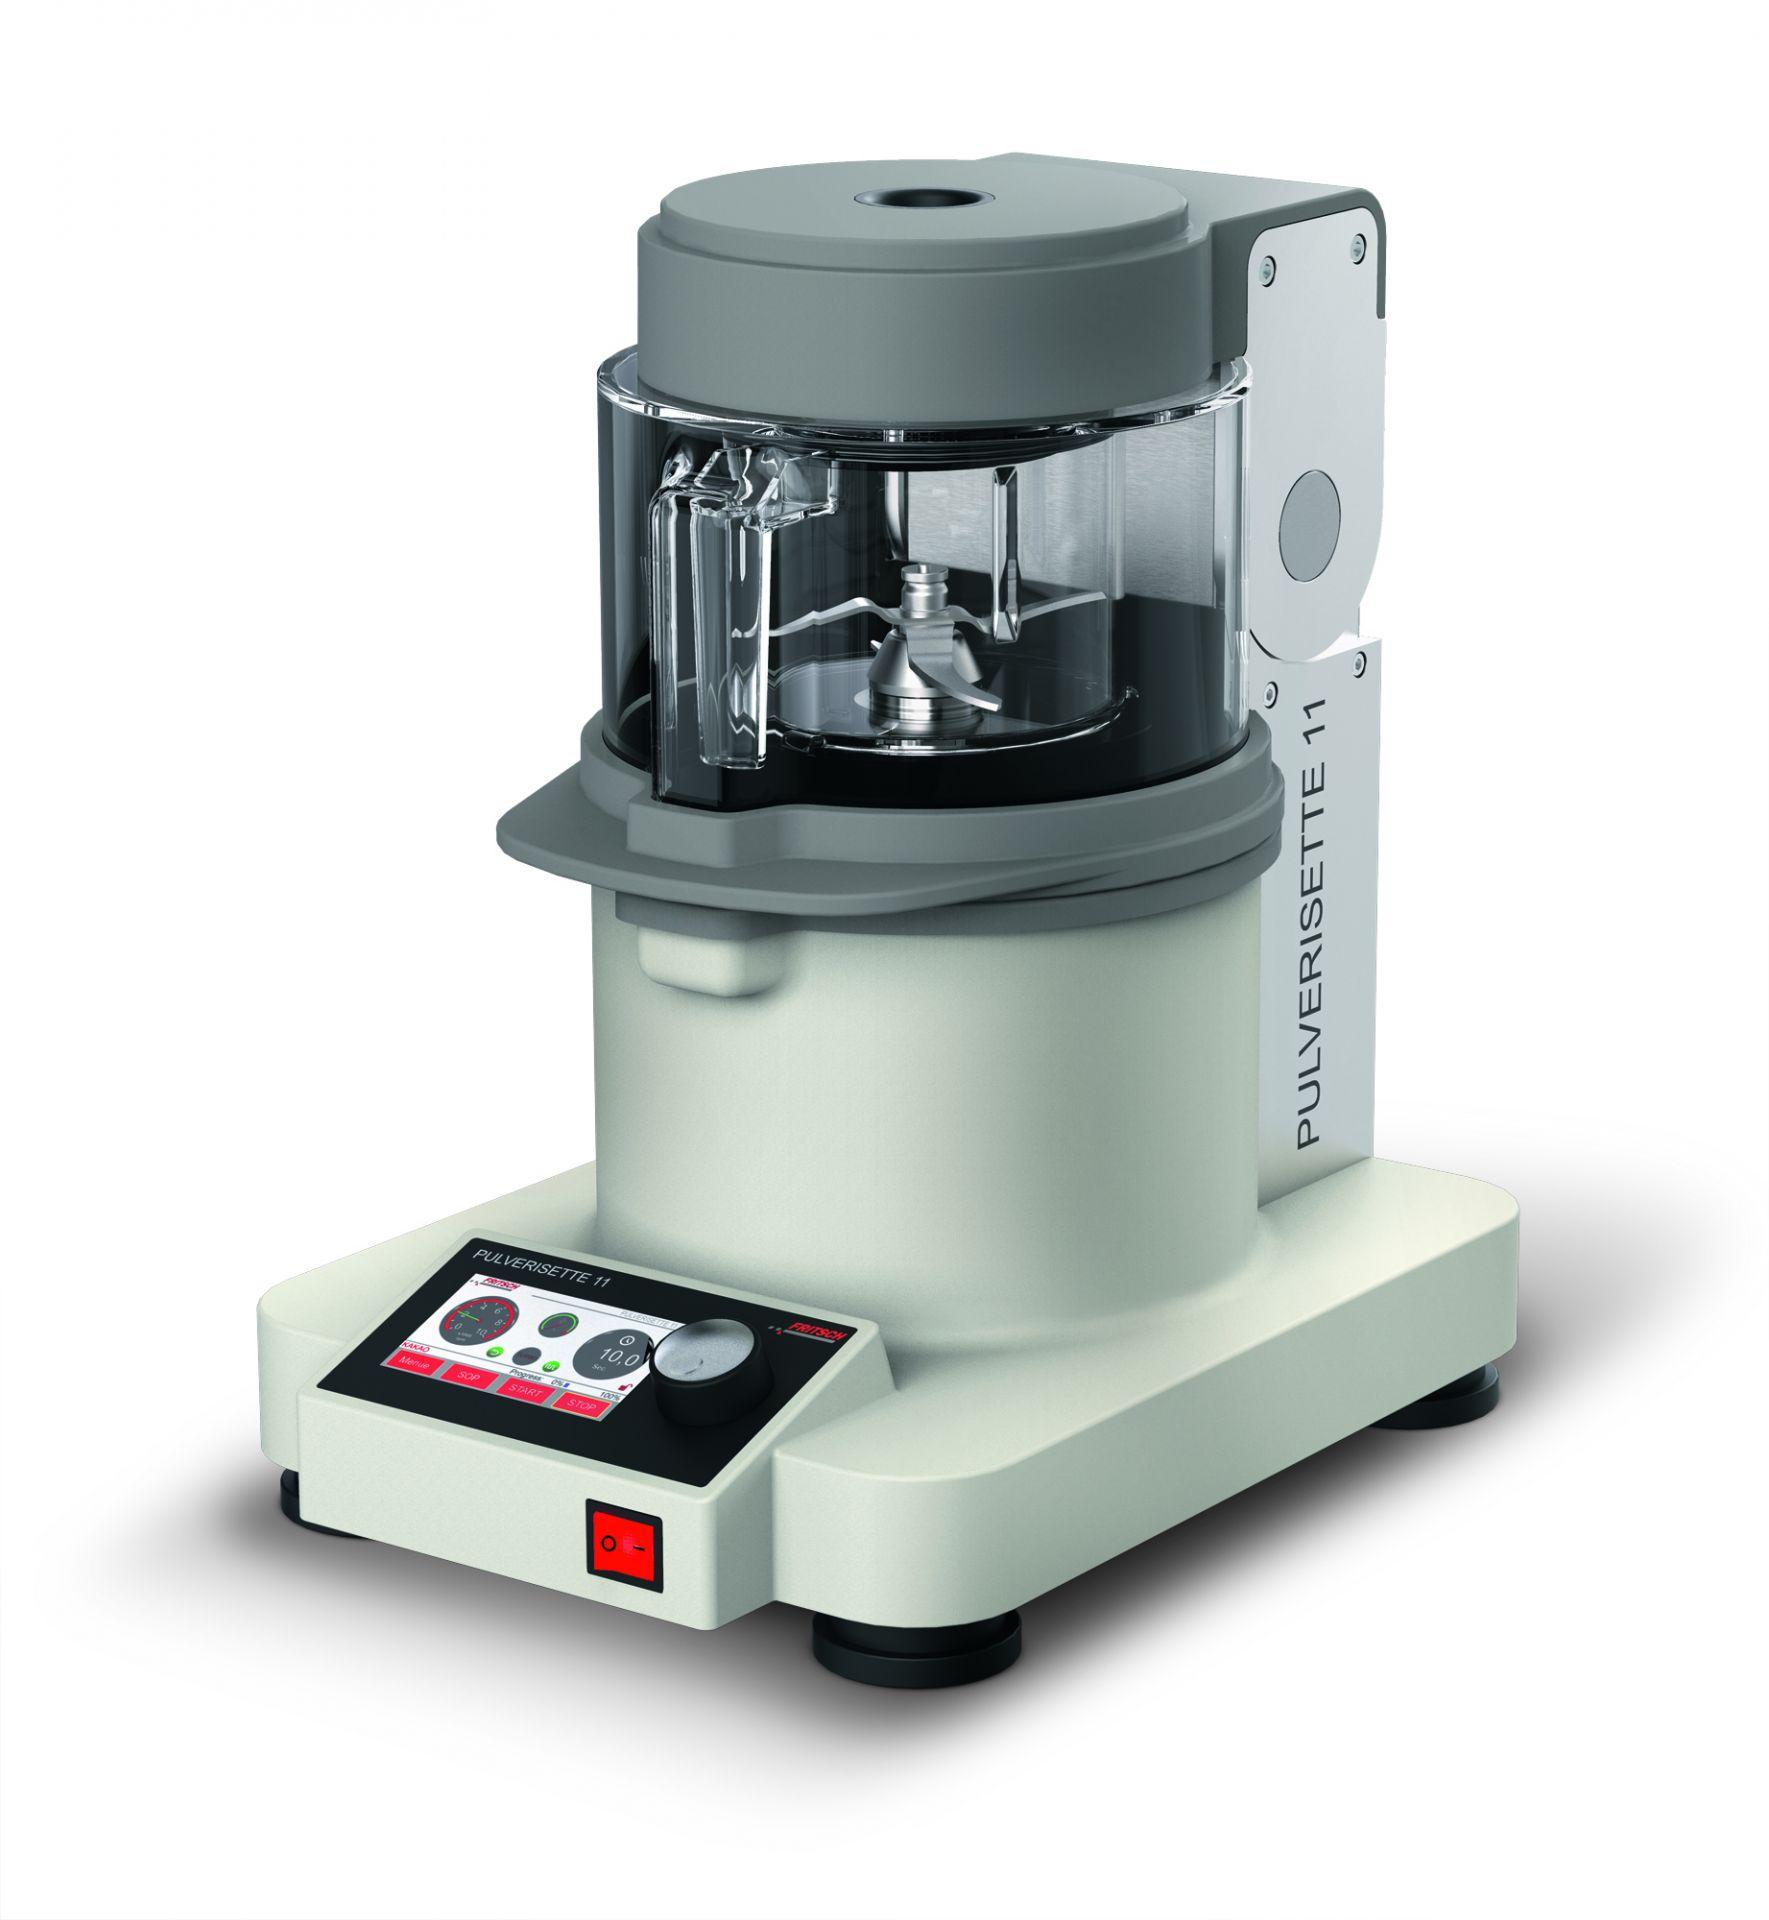 Mixeur homogénéisateur à couteaux pulverisette 11